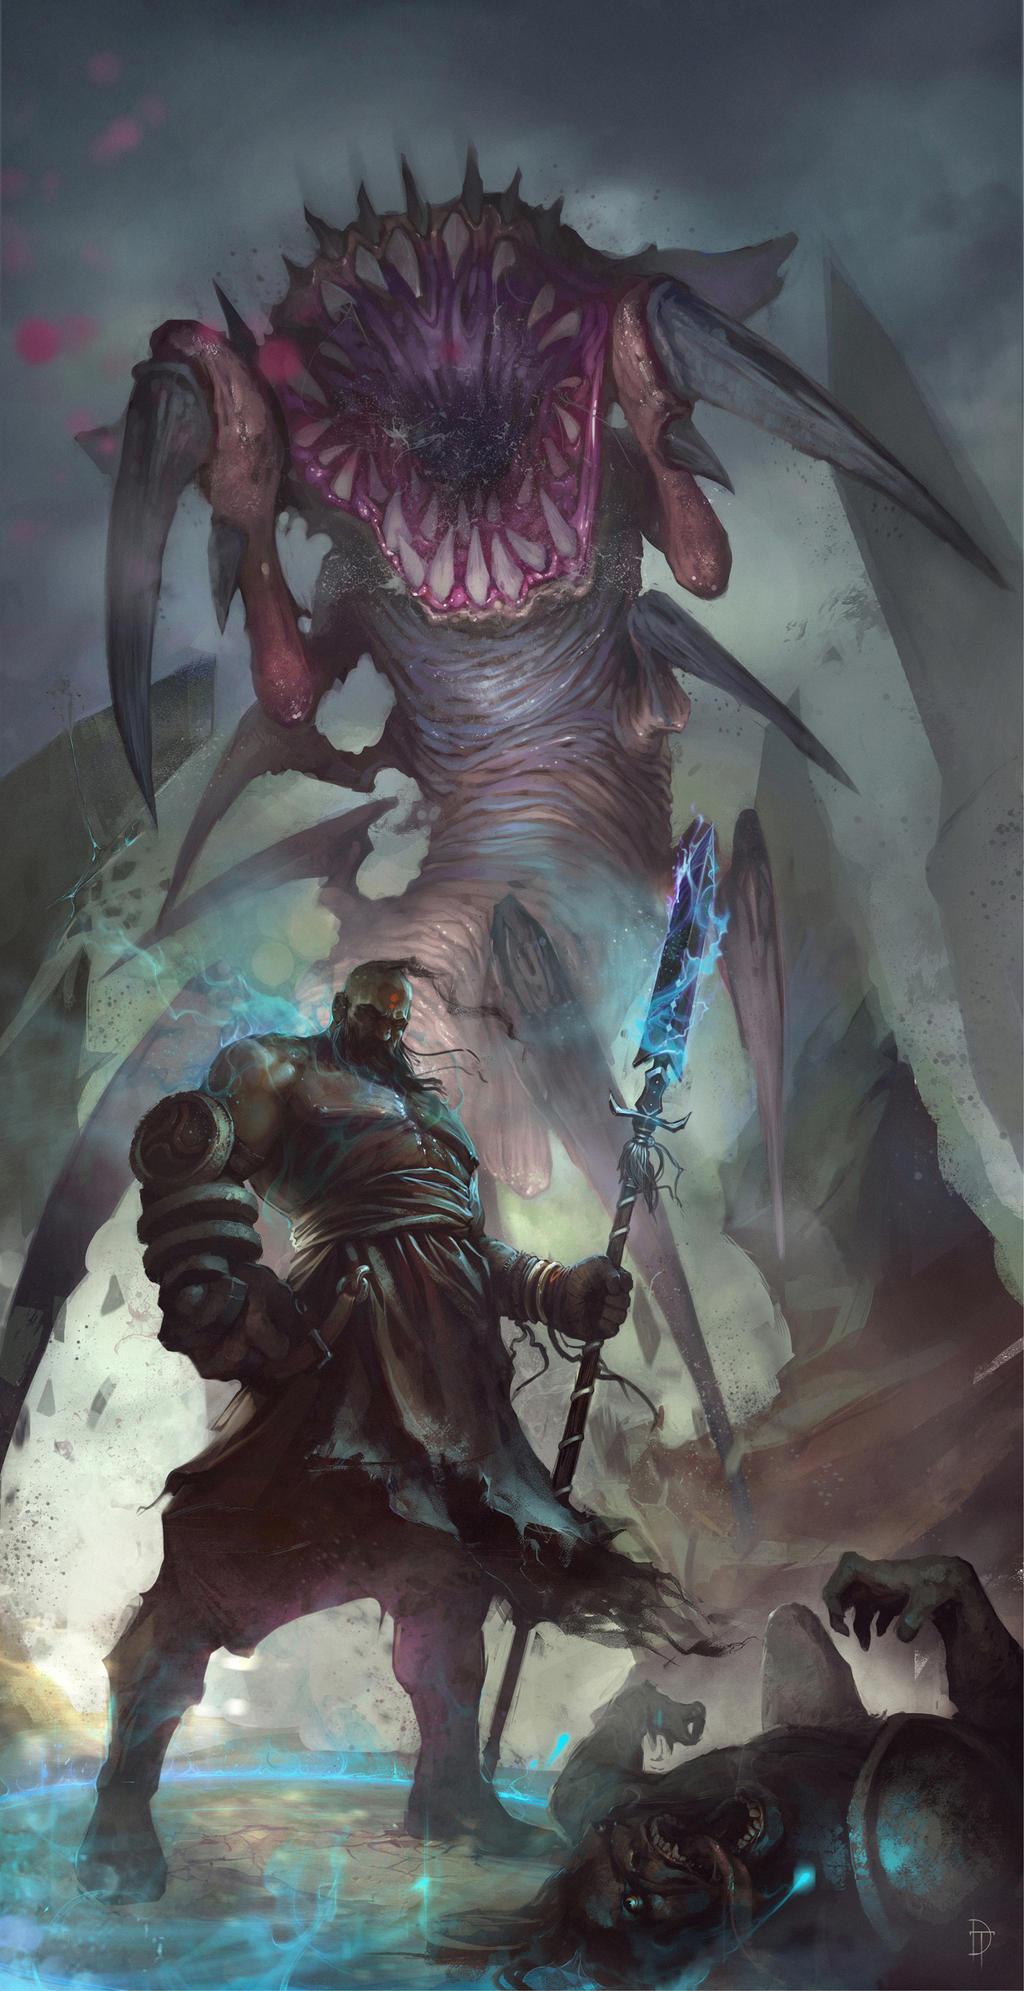 Diablo3 - Reaper of Souls Fan Art by Denstarsk8